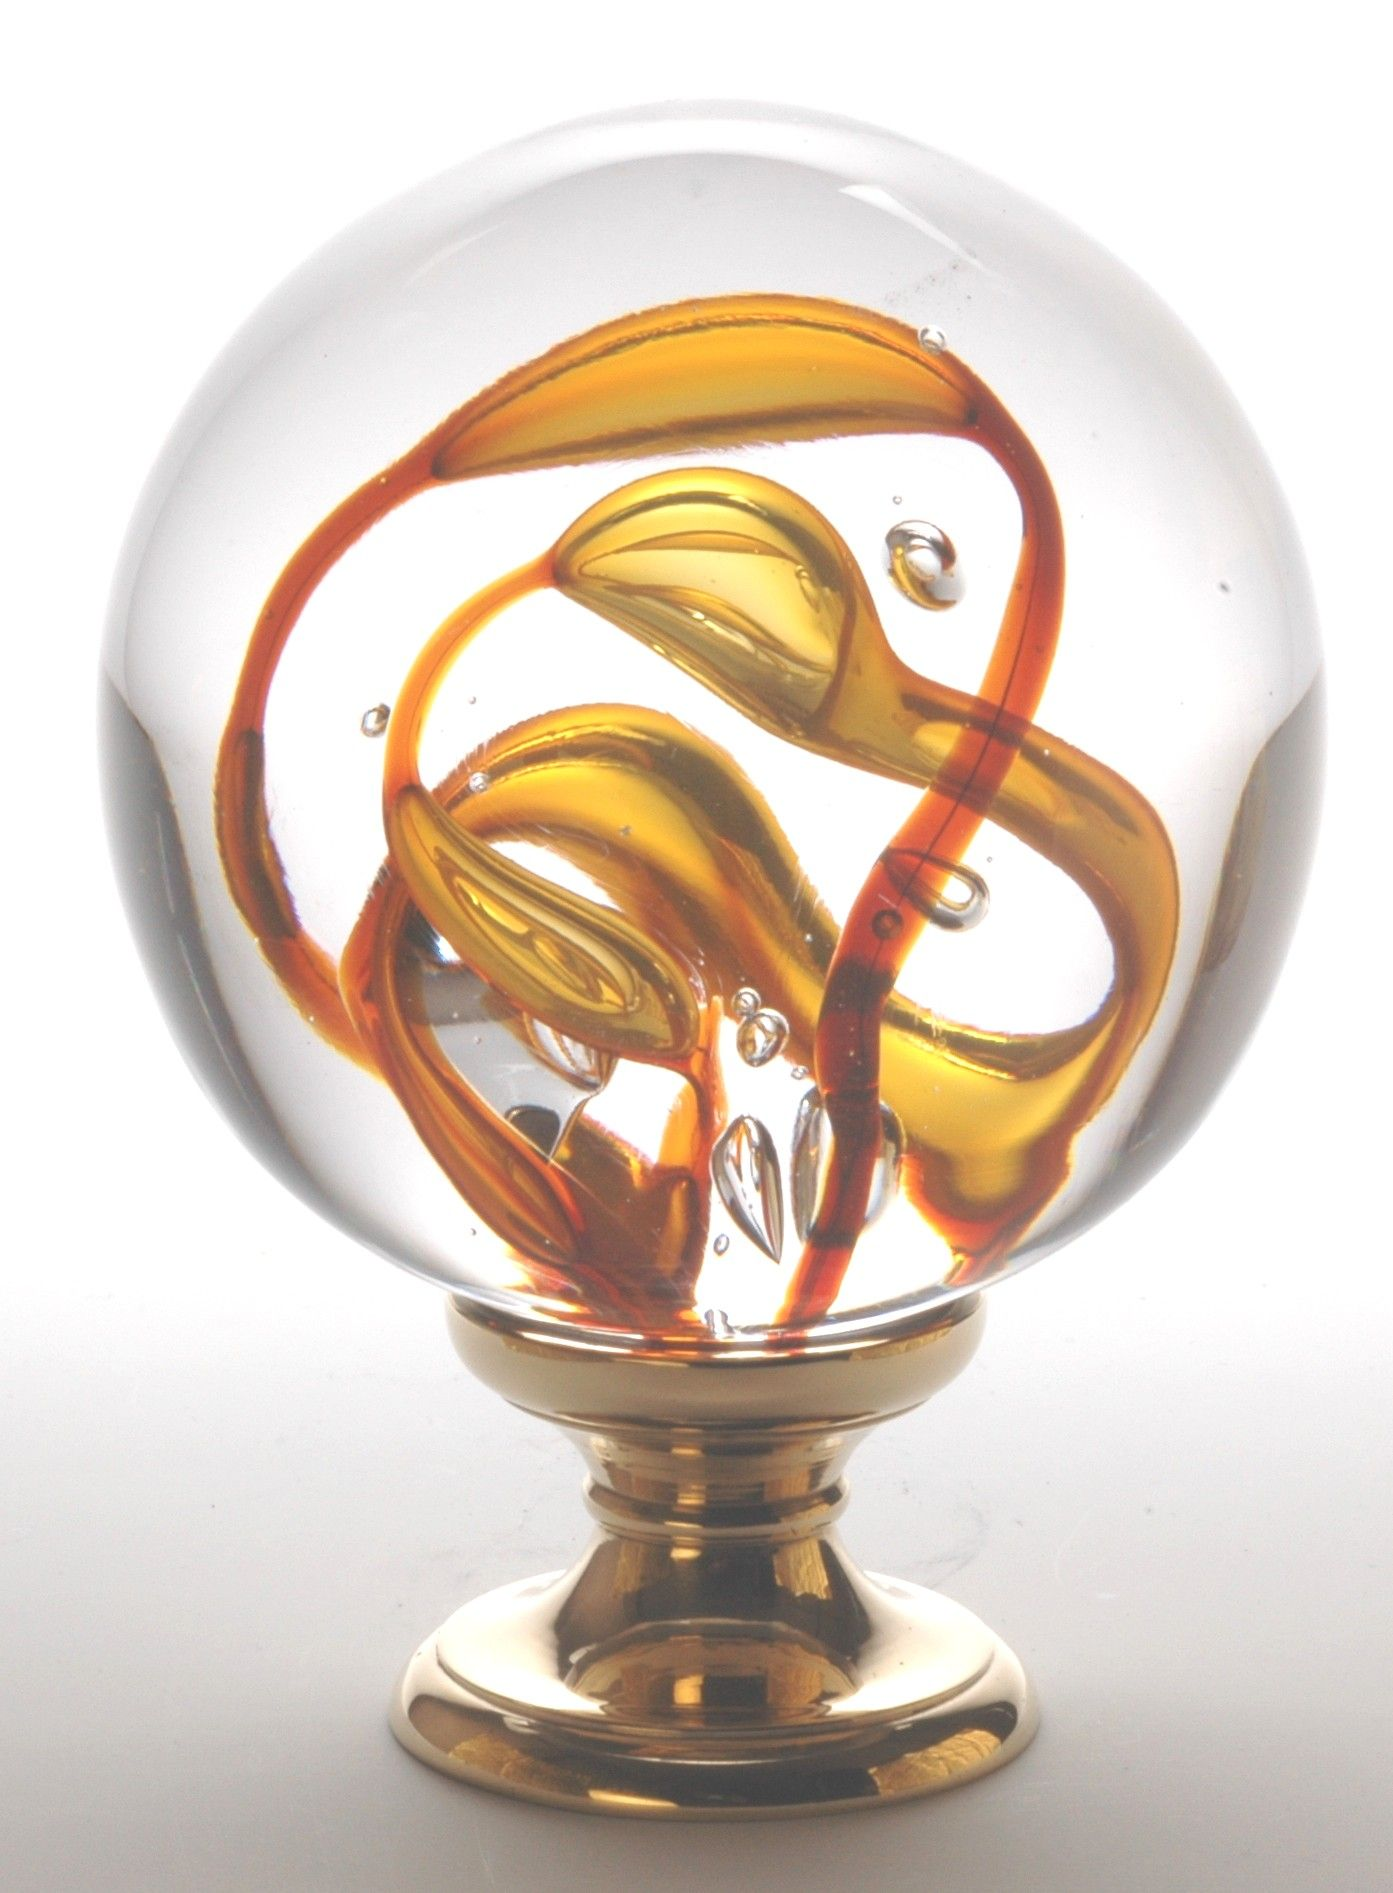 boule d 39 escalier verre souffl tubes de bulles orange collection poign e verre souffl boules. Black Bedroom Furniture Sets. Home Design Ideas